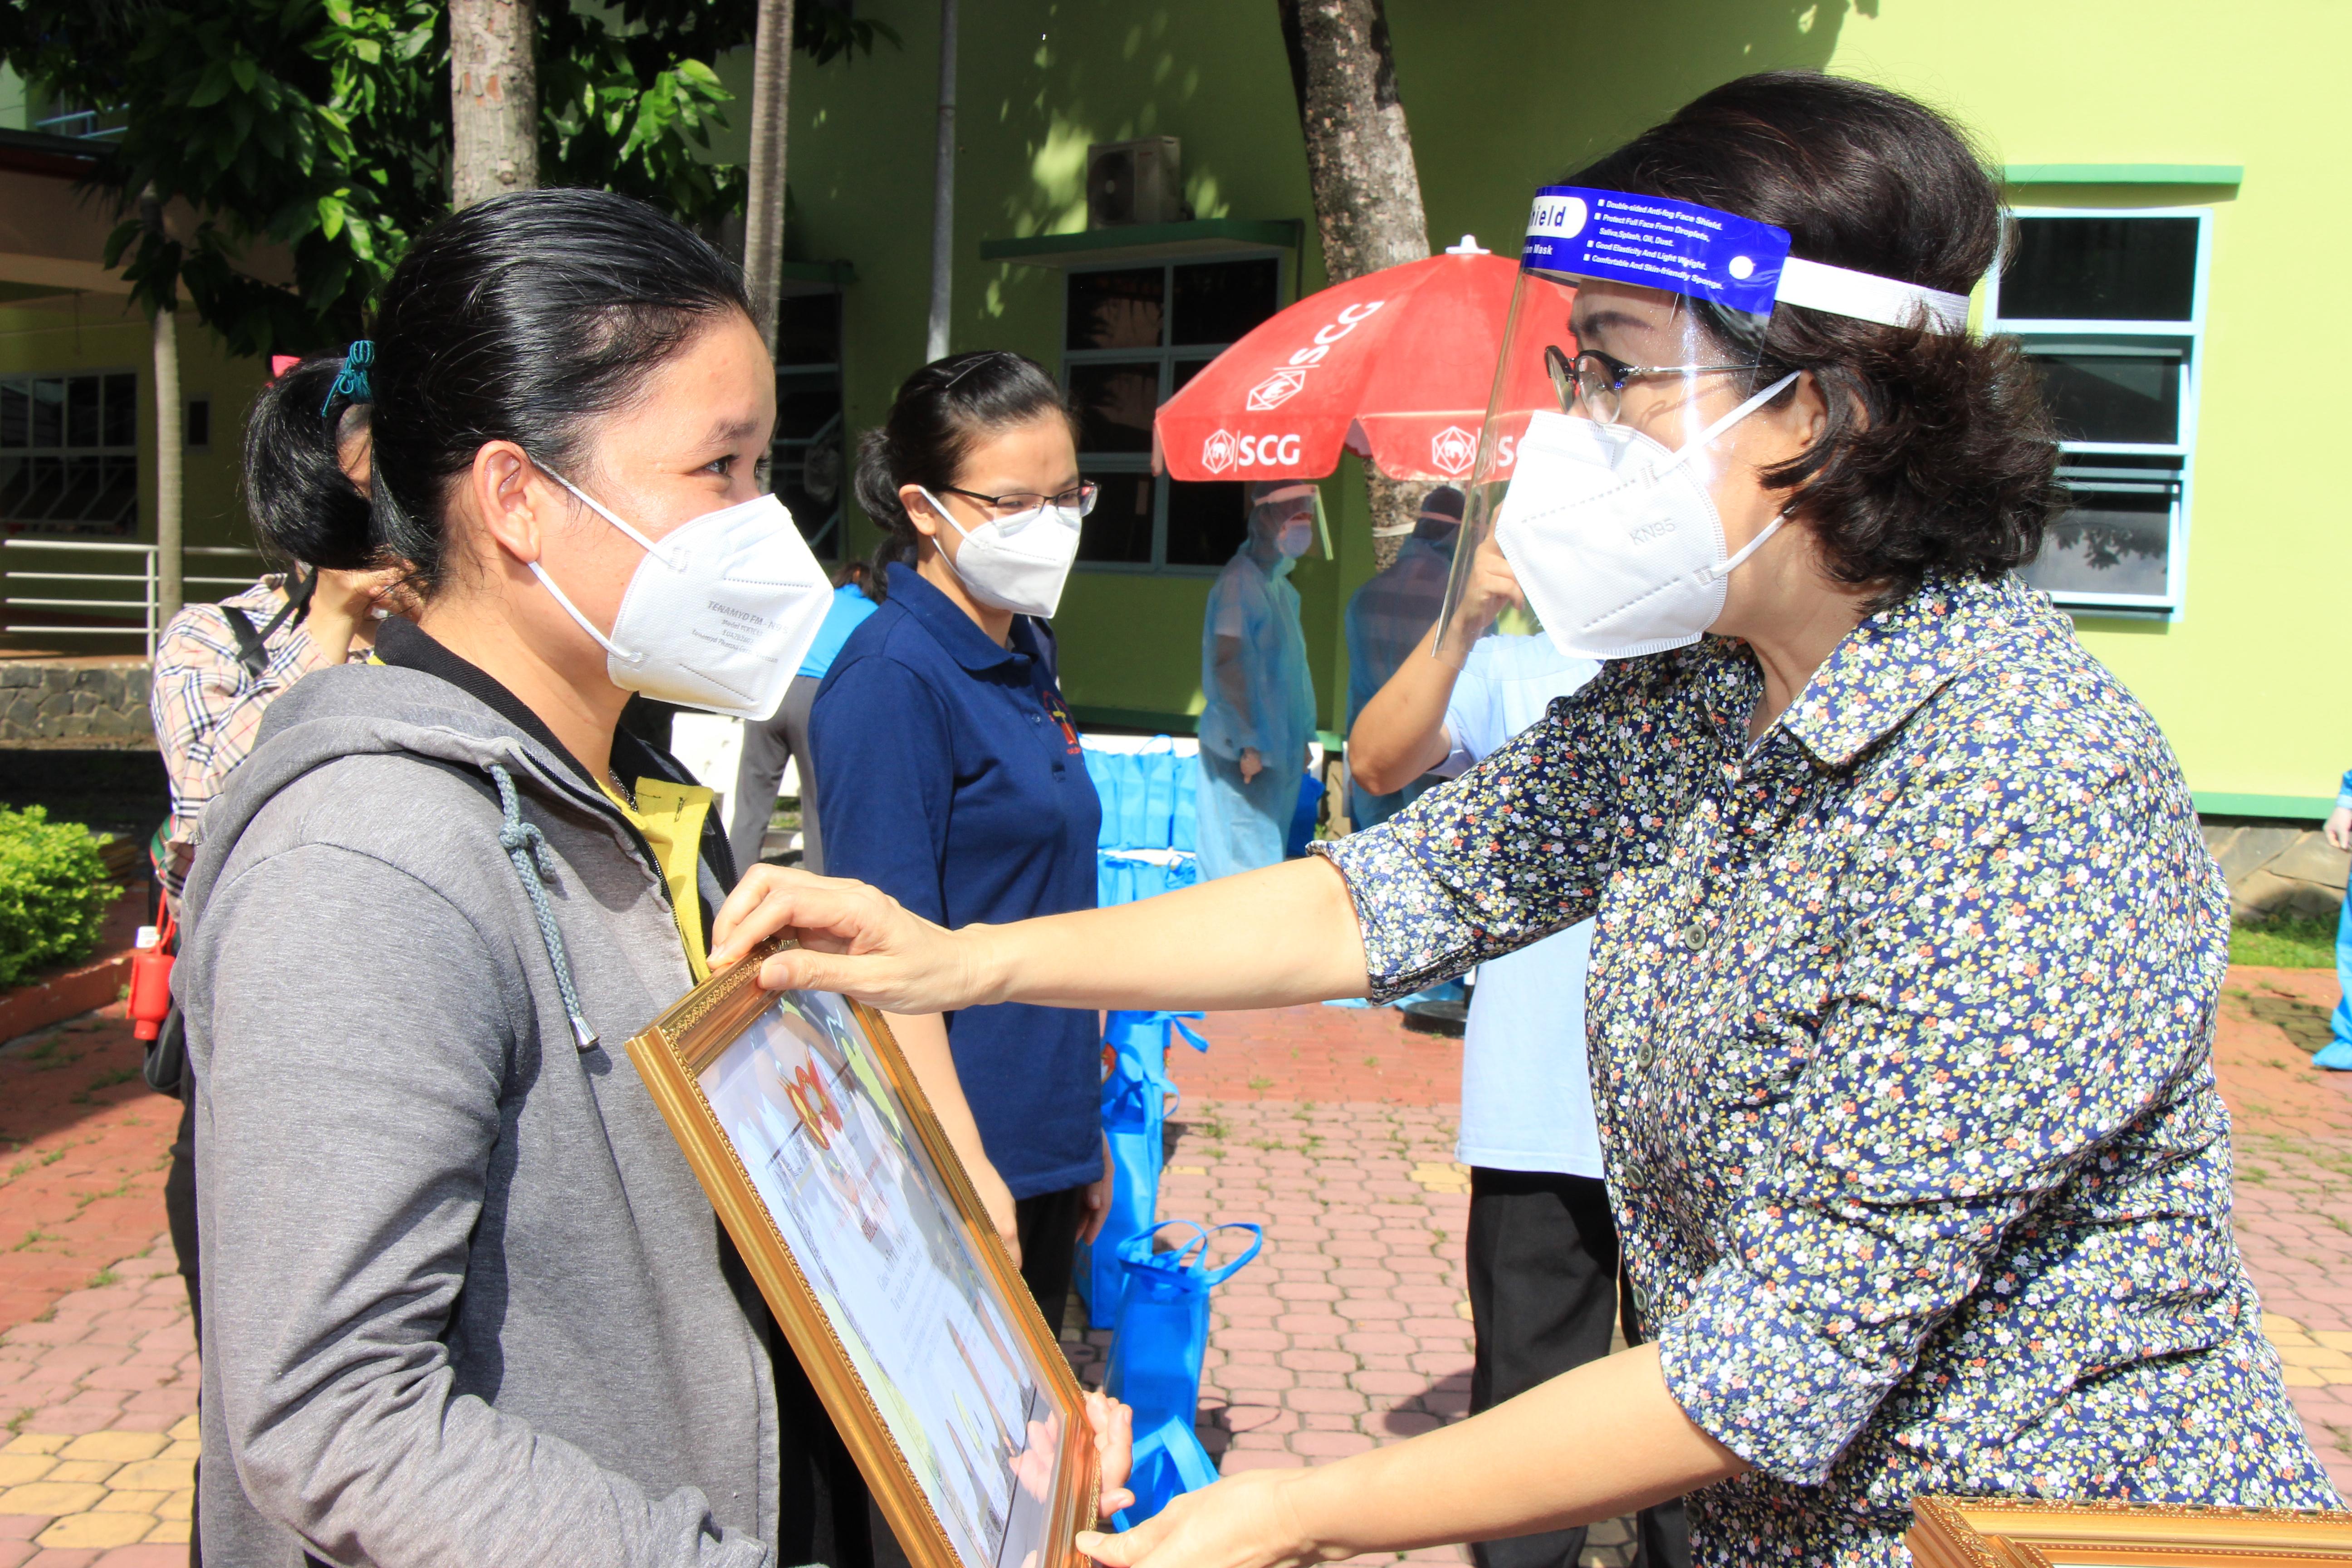 Chủ tịch Ủy ban MTTQ Việt Nam TP HCM Tô Thị Bích Châu trao tặng giấy biểu dương cho các tình nguyện viên.